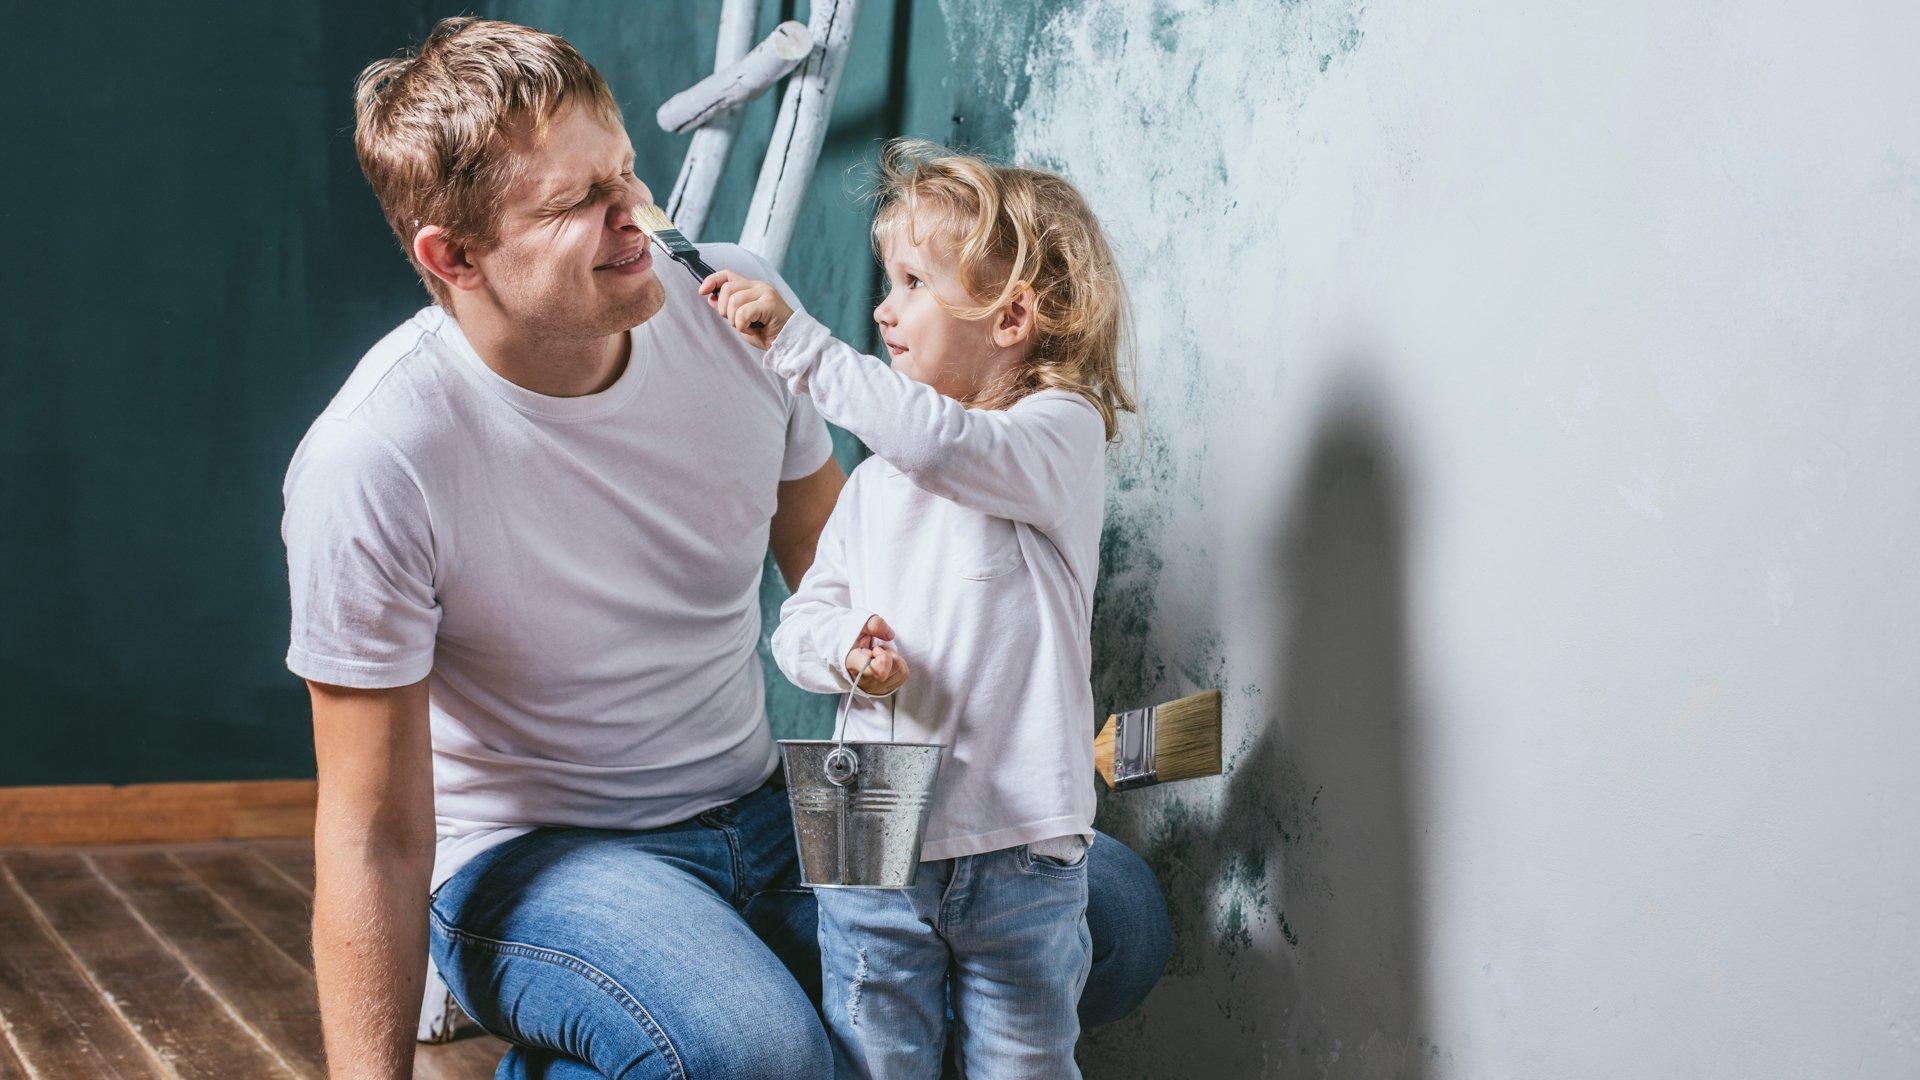 Pandemic home renovations that won't won't break the bank